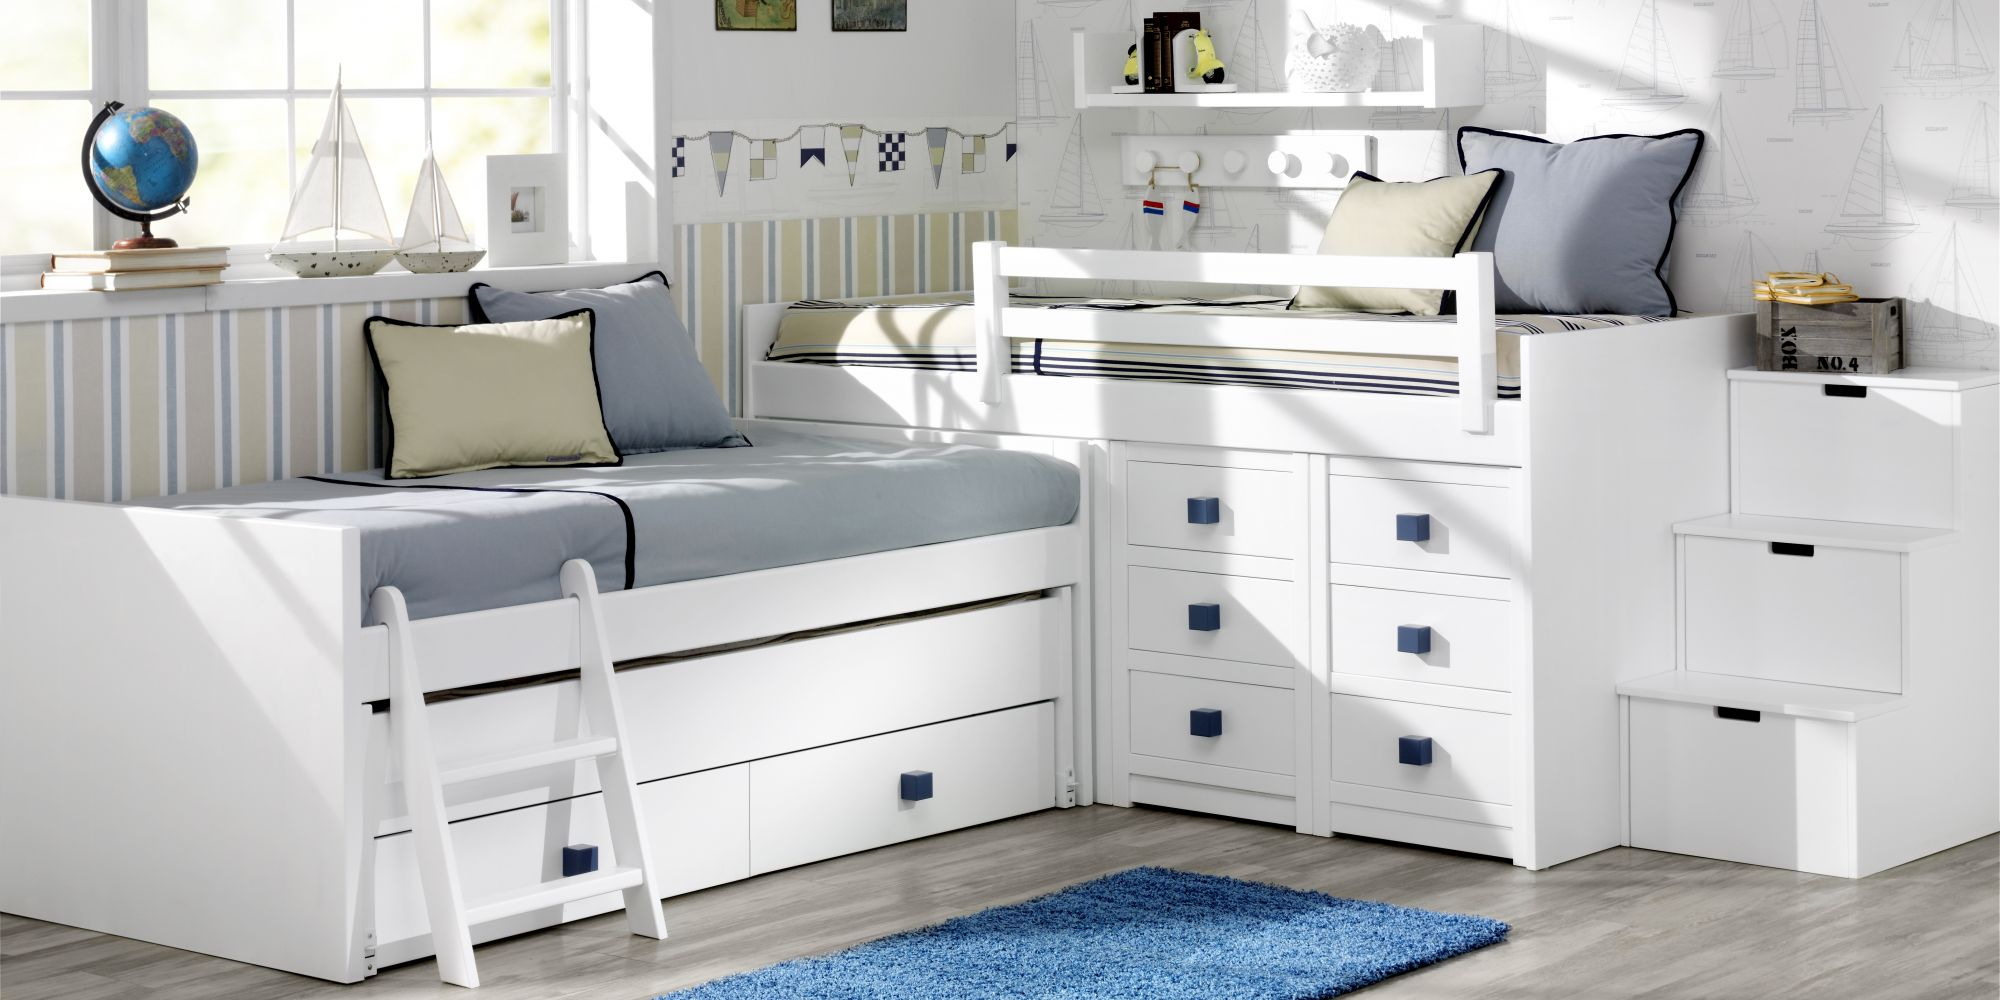 Bloque alto minicompacto de 3 camas con gran capacidad de almacenaje